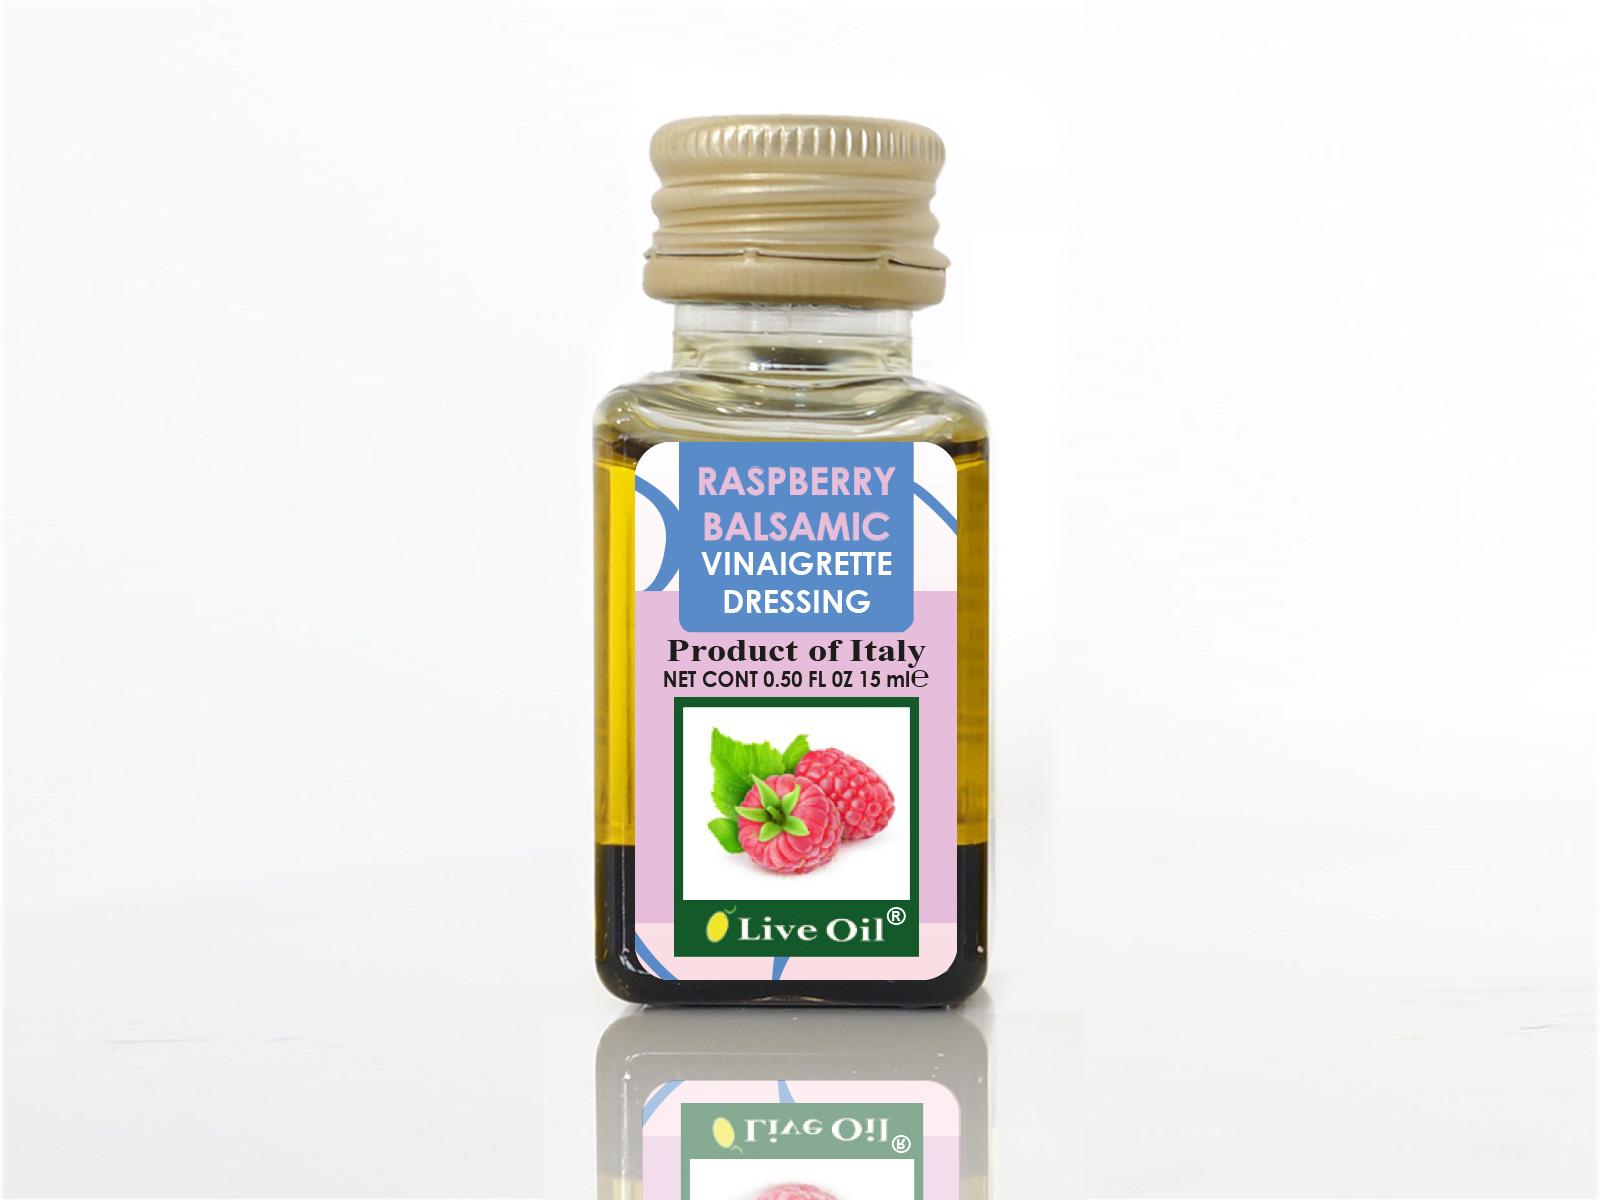 Group SOI Raspberry Balsamic Vinaigrette - Live Oil